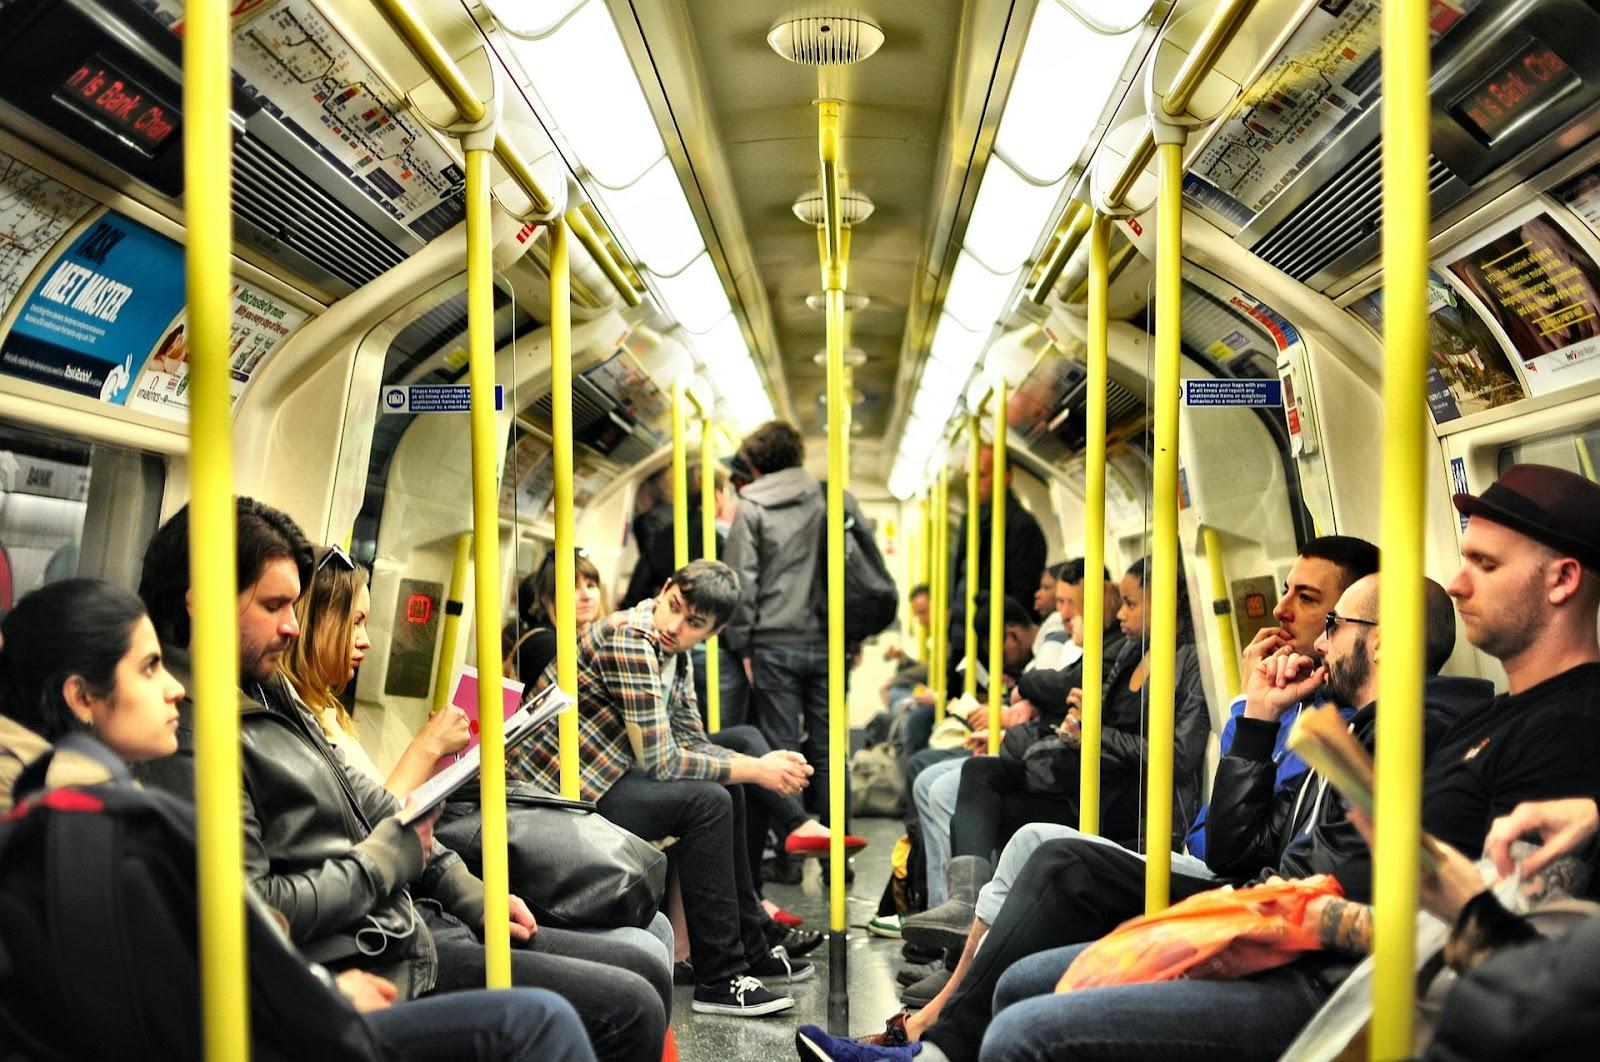 Uma das principais alternativas para o Dia Mundial sem Carro é o transporte público (Fonte: Unsplash)